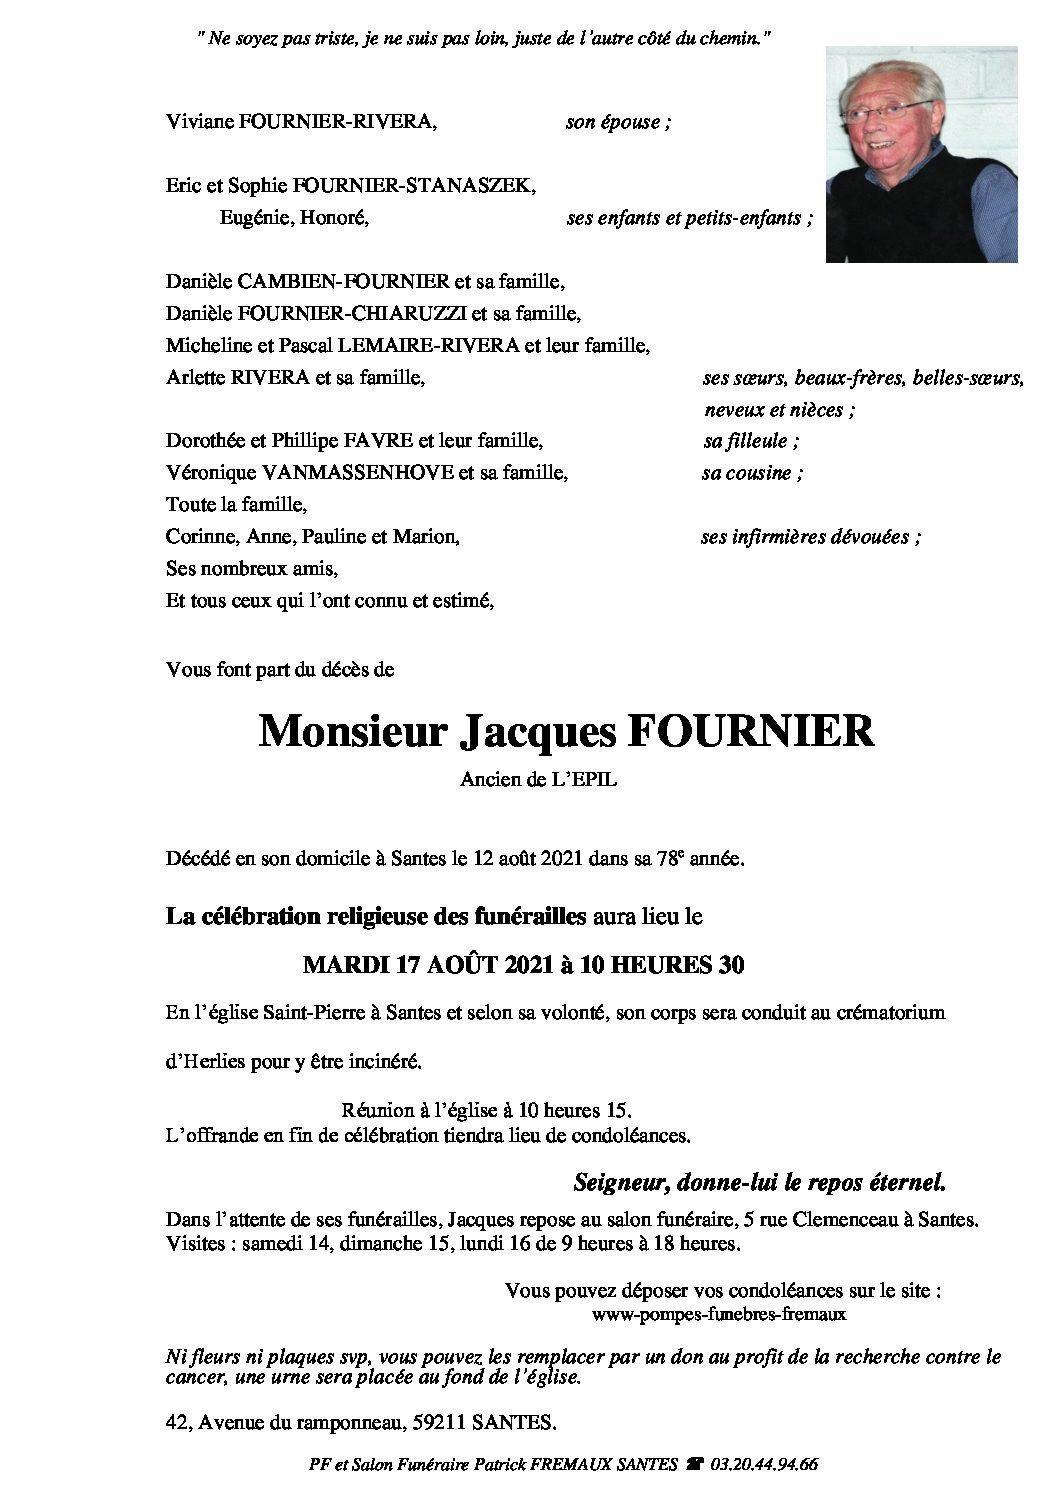 Monsieur Jacques FOURNIER